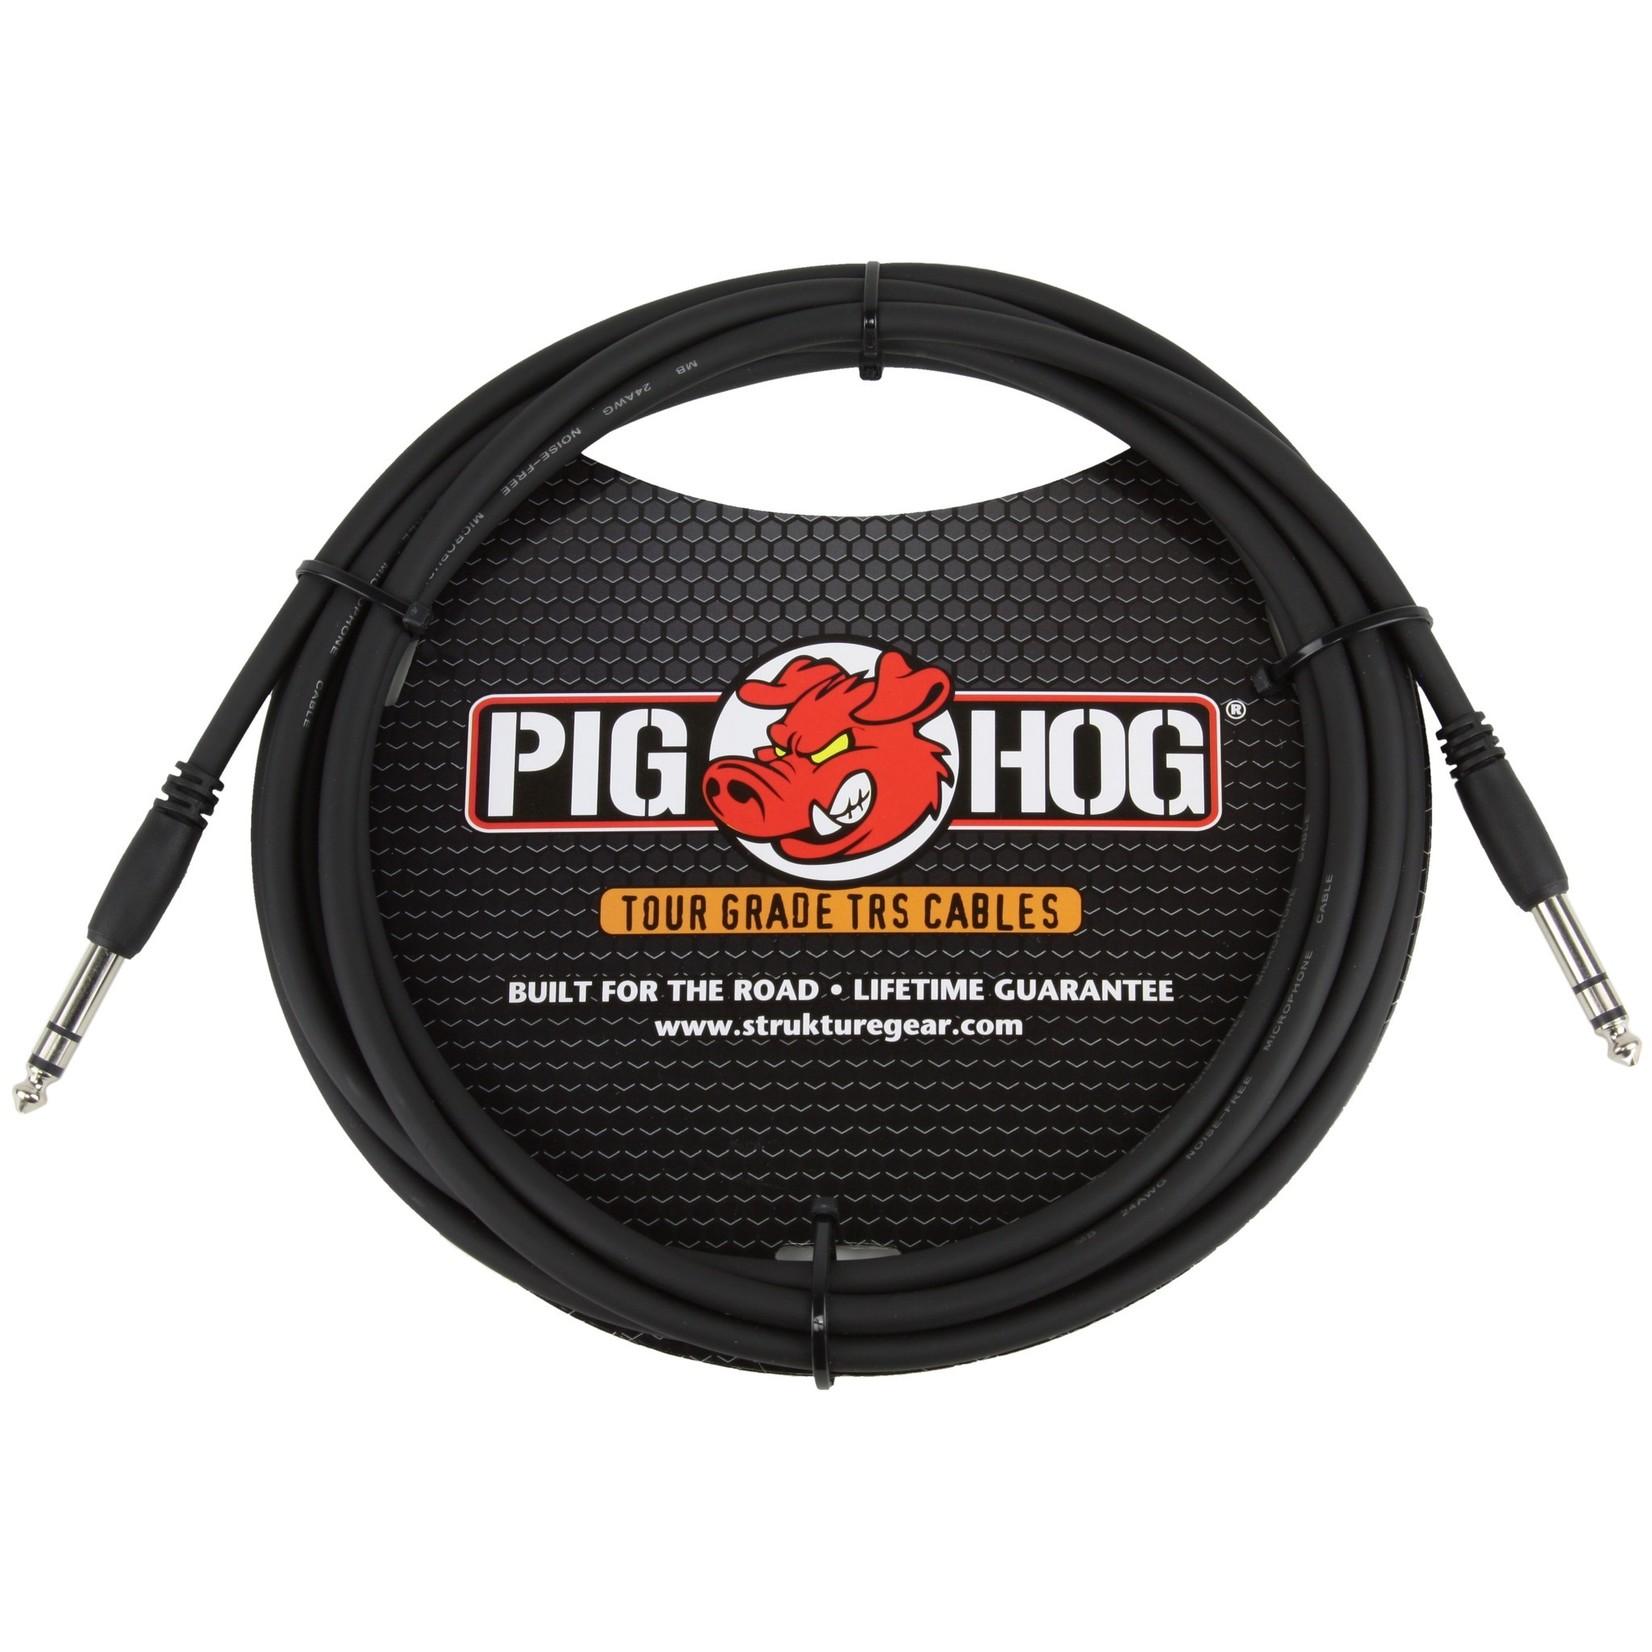 """Pig Hog Pig Hog Tour Grade 10ft, 8mm, 1/4"""" TRS - 1/4"""" TRS Cable (PTRS10), Black"""